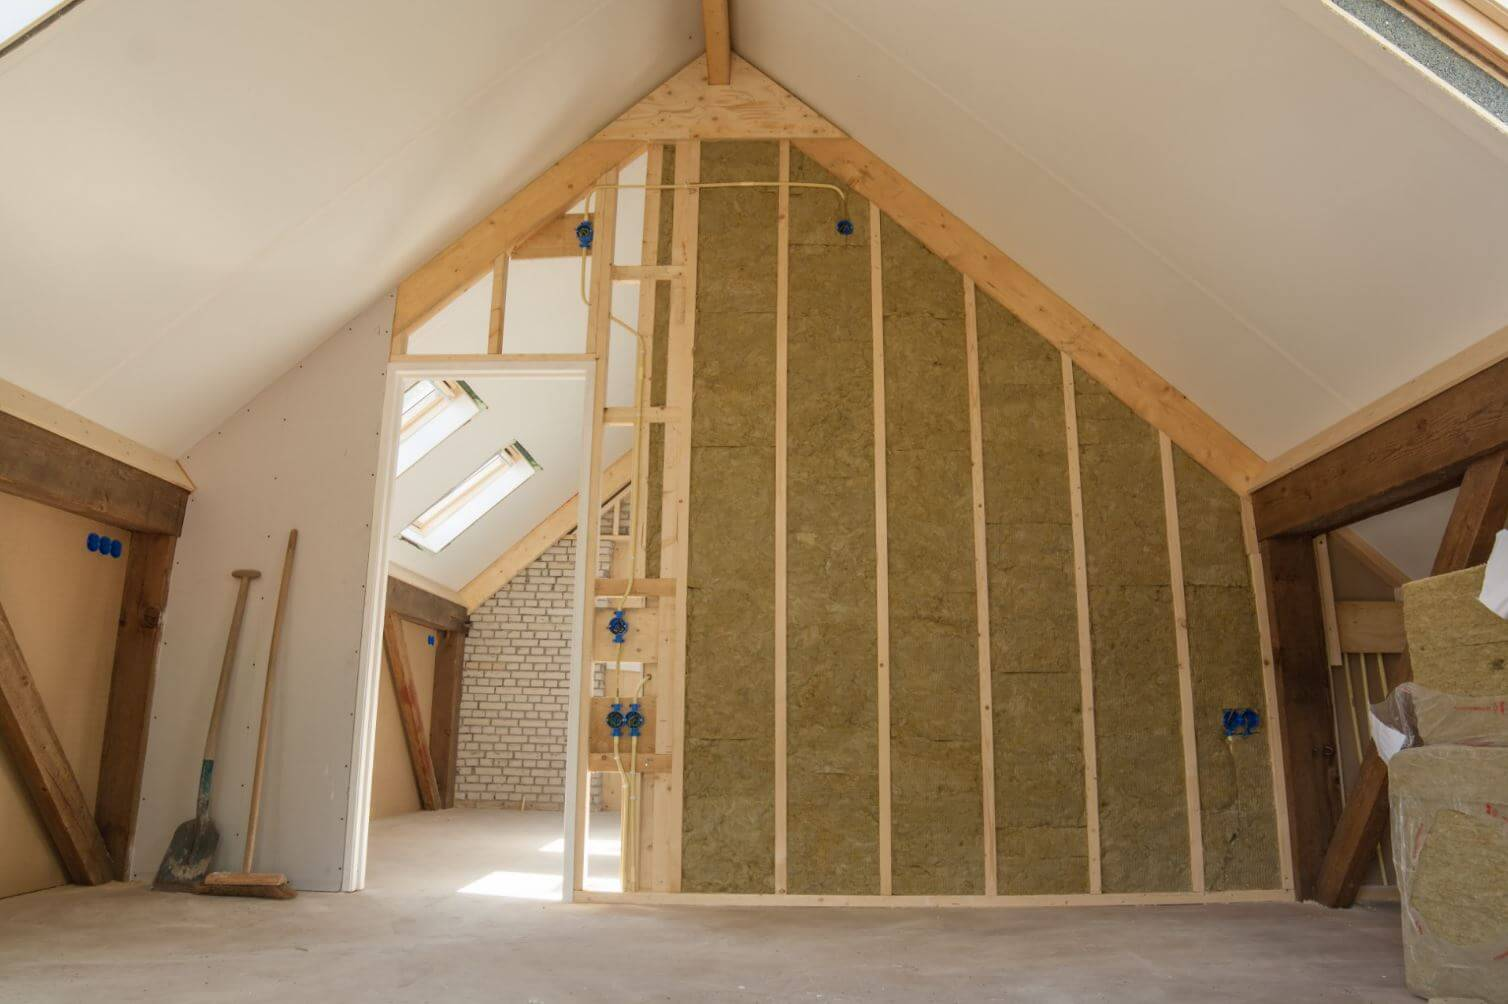 Pourquoi isoler sa maison ameliorer de sa maison - Isoler sa maison par l interieur ...